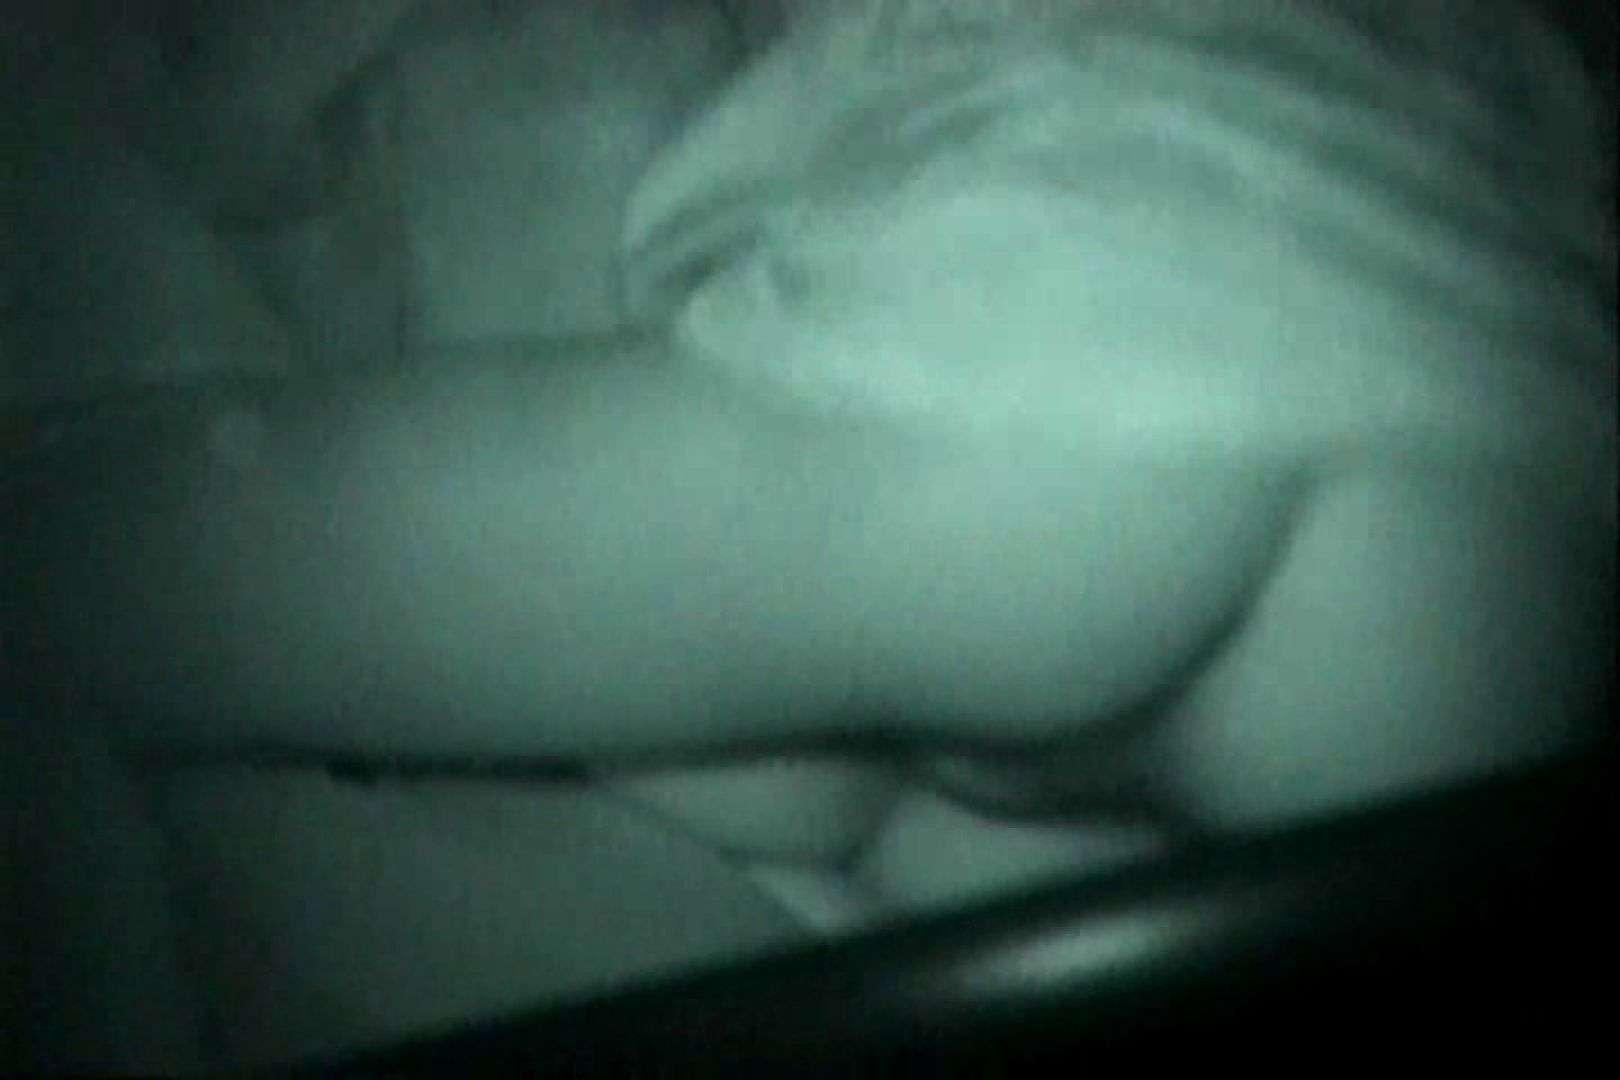 充血監督の深夜の運動会Vol.126 車中はめどり 盗撮動画紹介 107画像 106